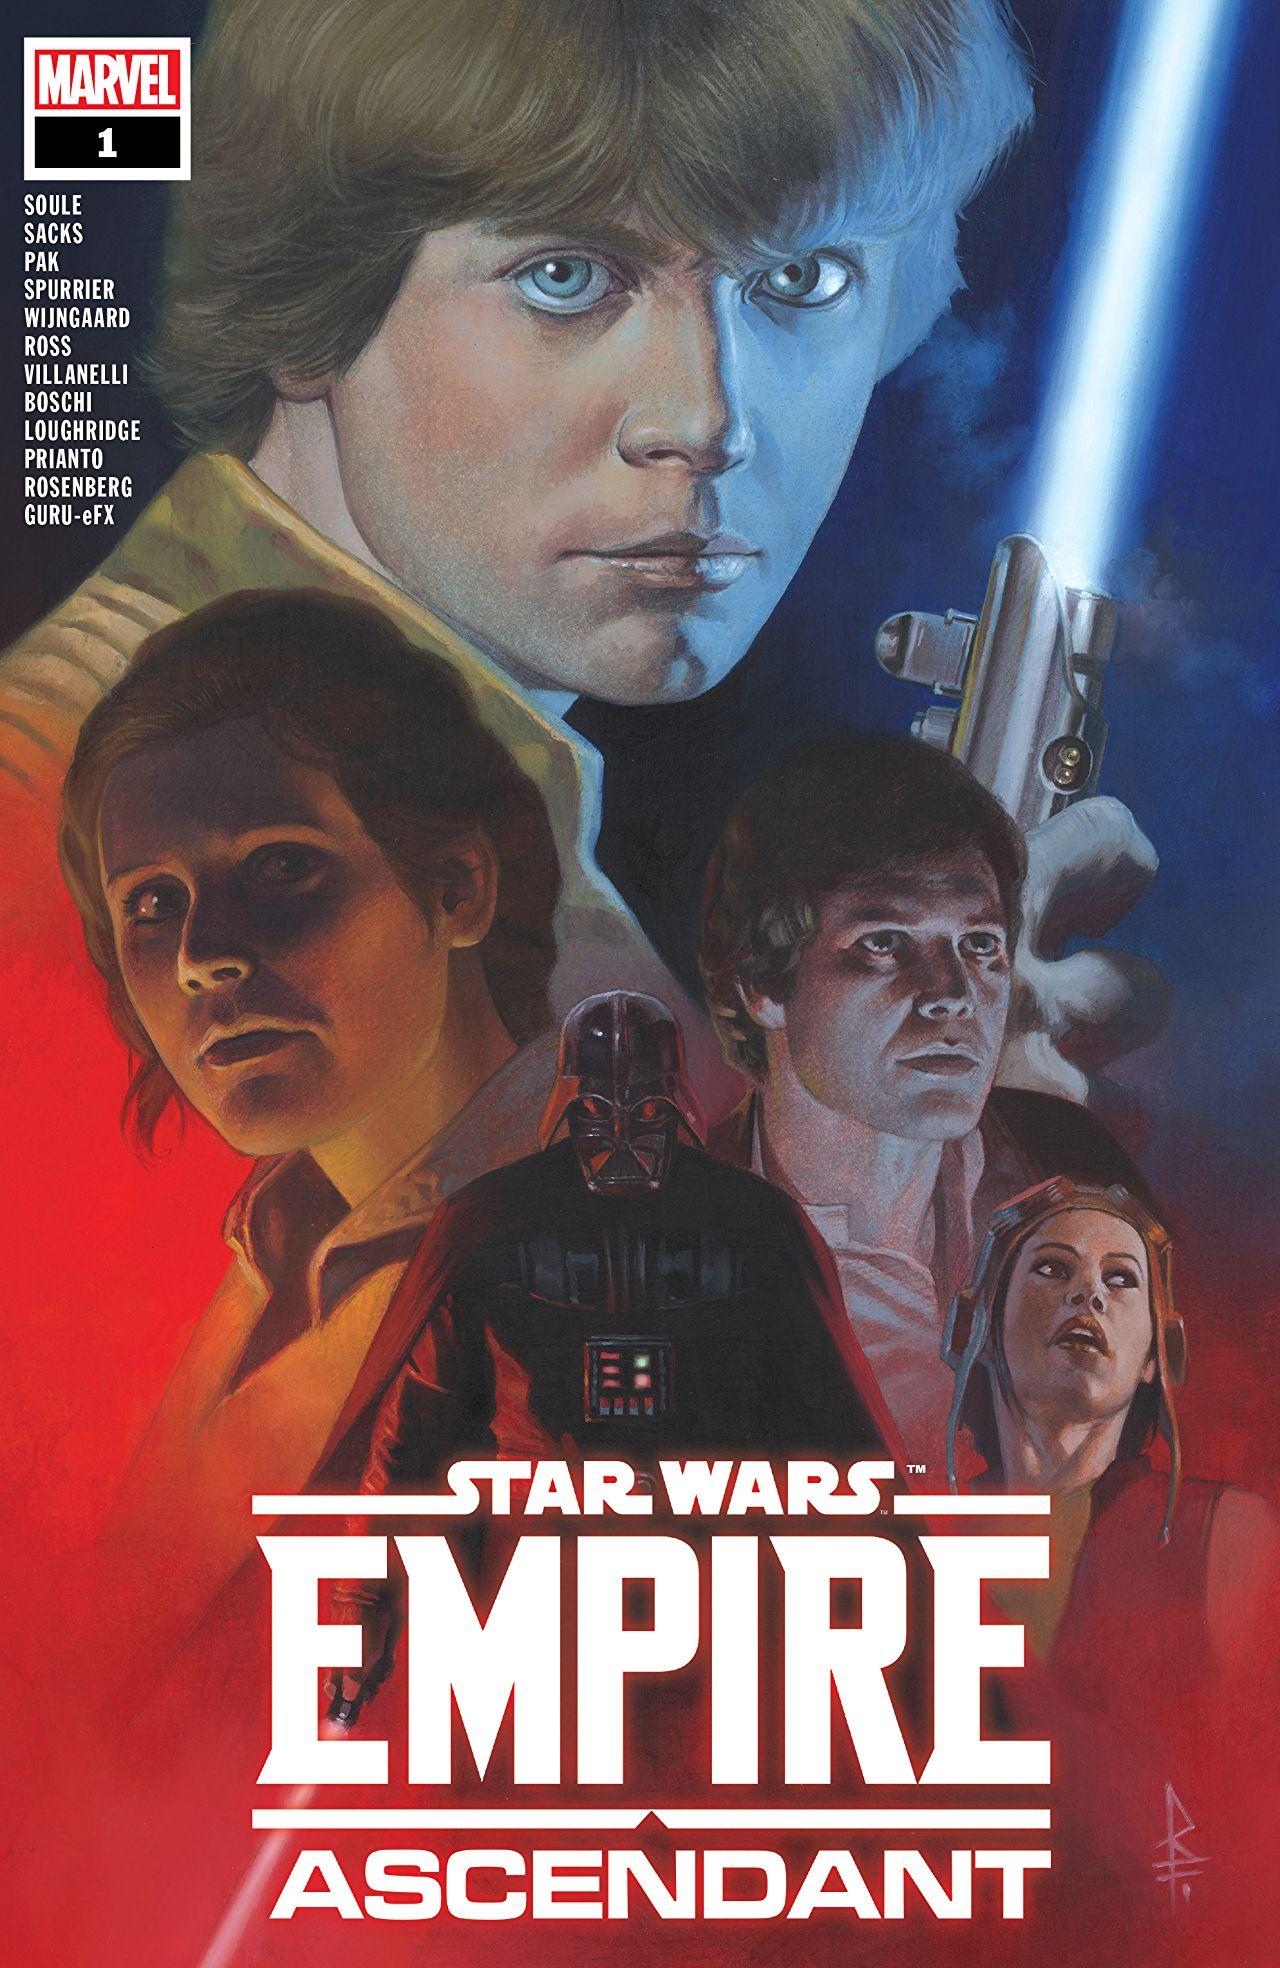 Star Wars - Empire Ascendant 1